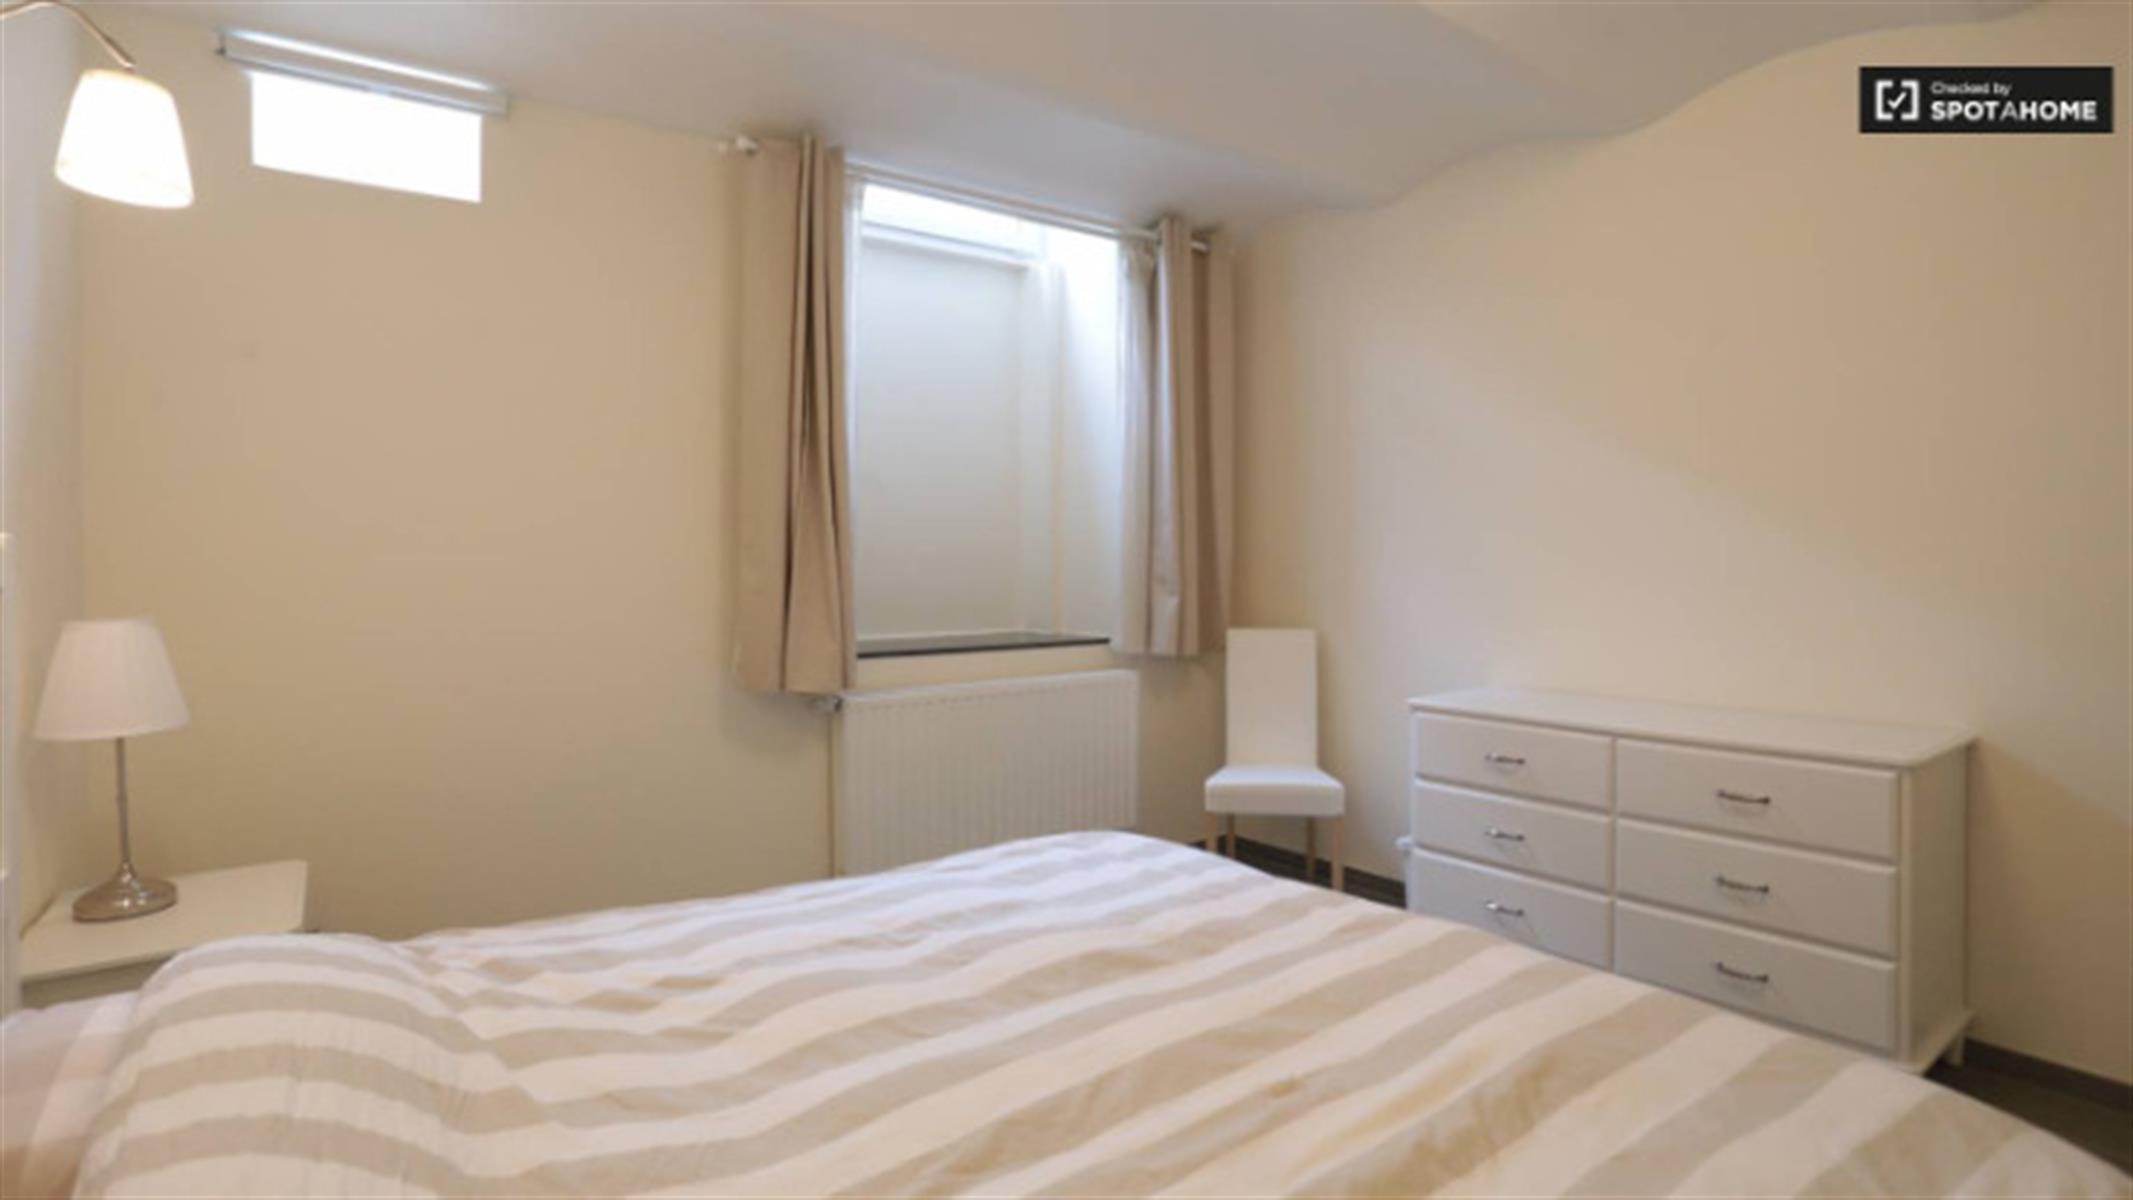 Duplex - Ixelles - #4150164-16